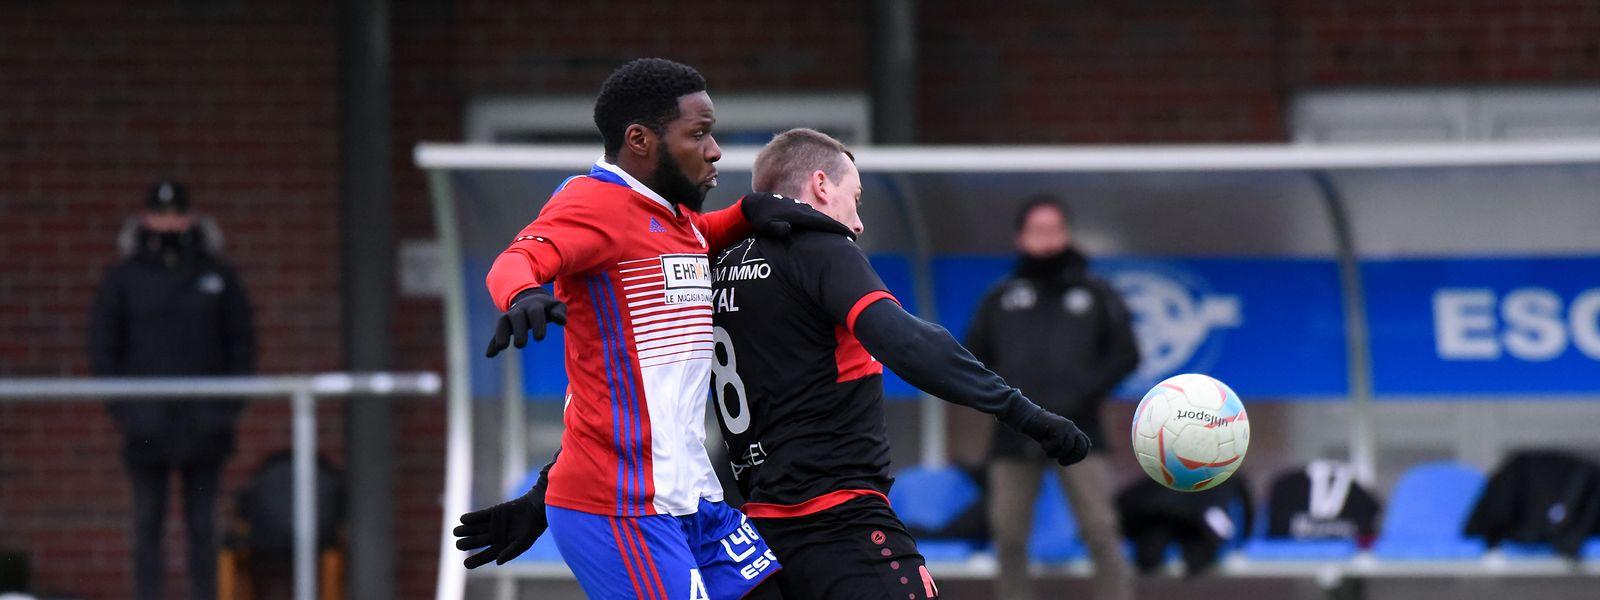 Fola-Spieler Rodrigue Dikaba (l.) und Ben Payal (Strassen) kämpfen um den Ball.